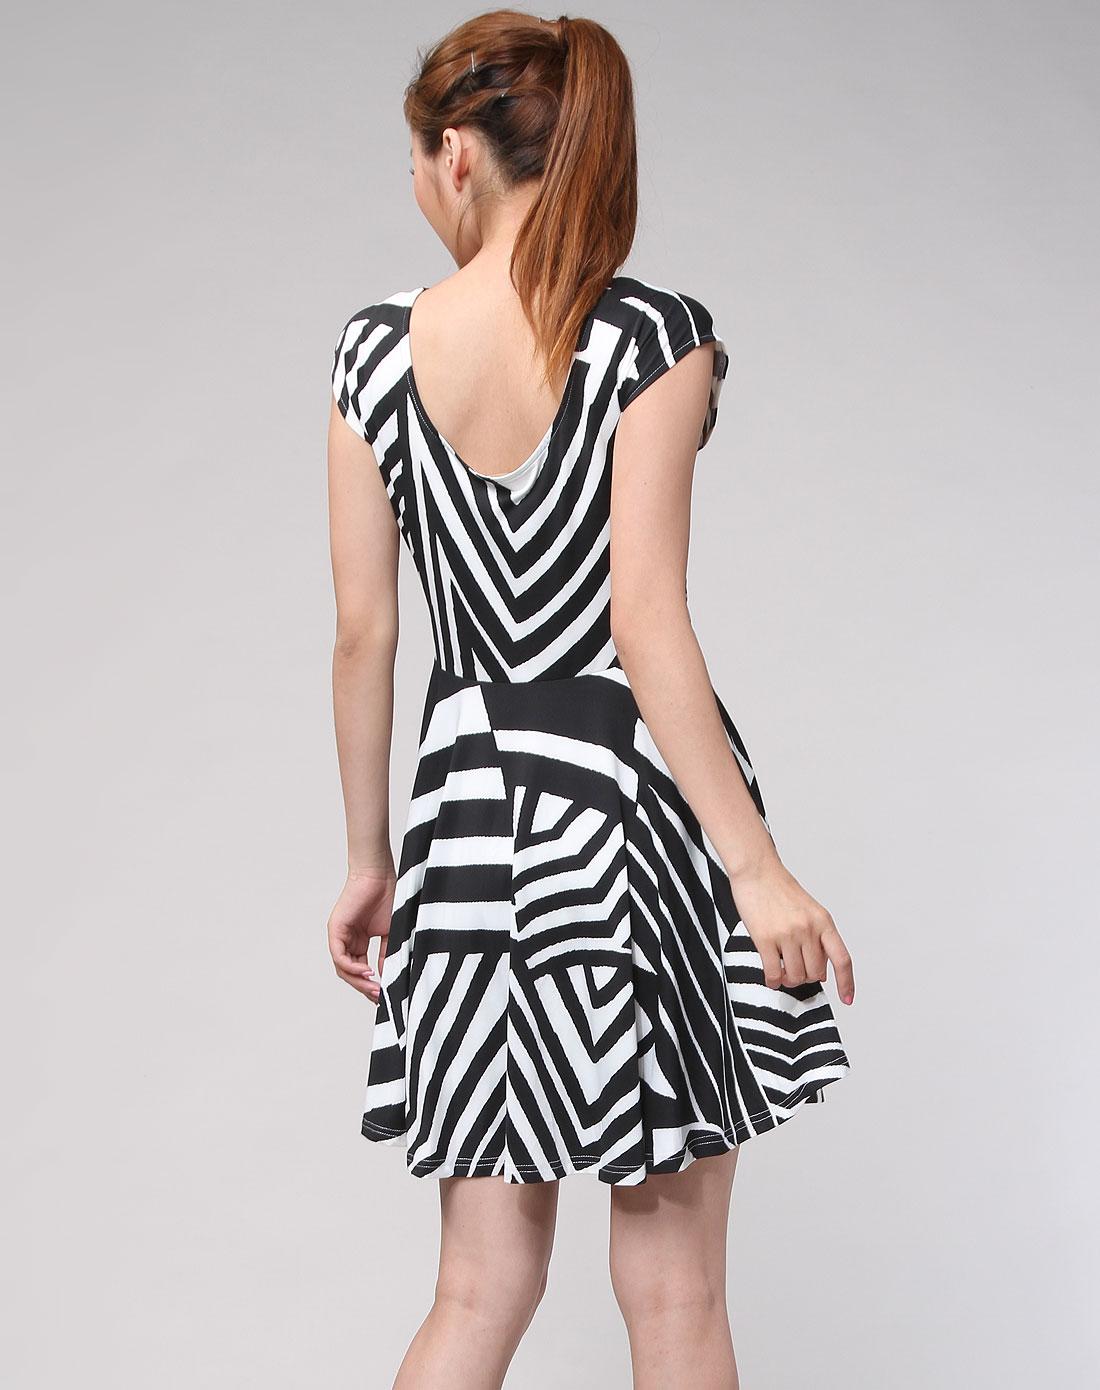 威丝曼 黑/白色斜纹时尚短袖连衣裙